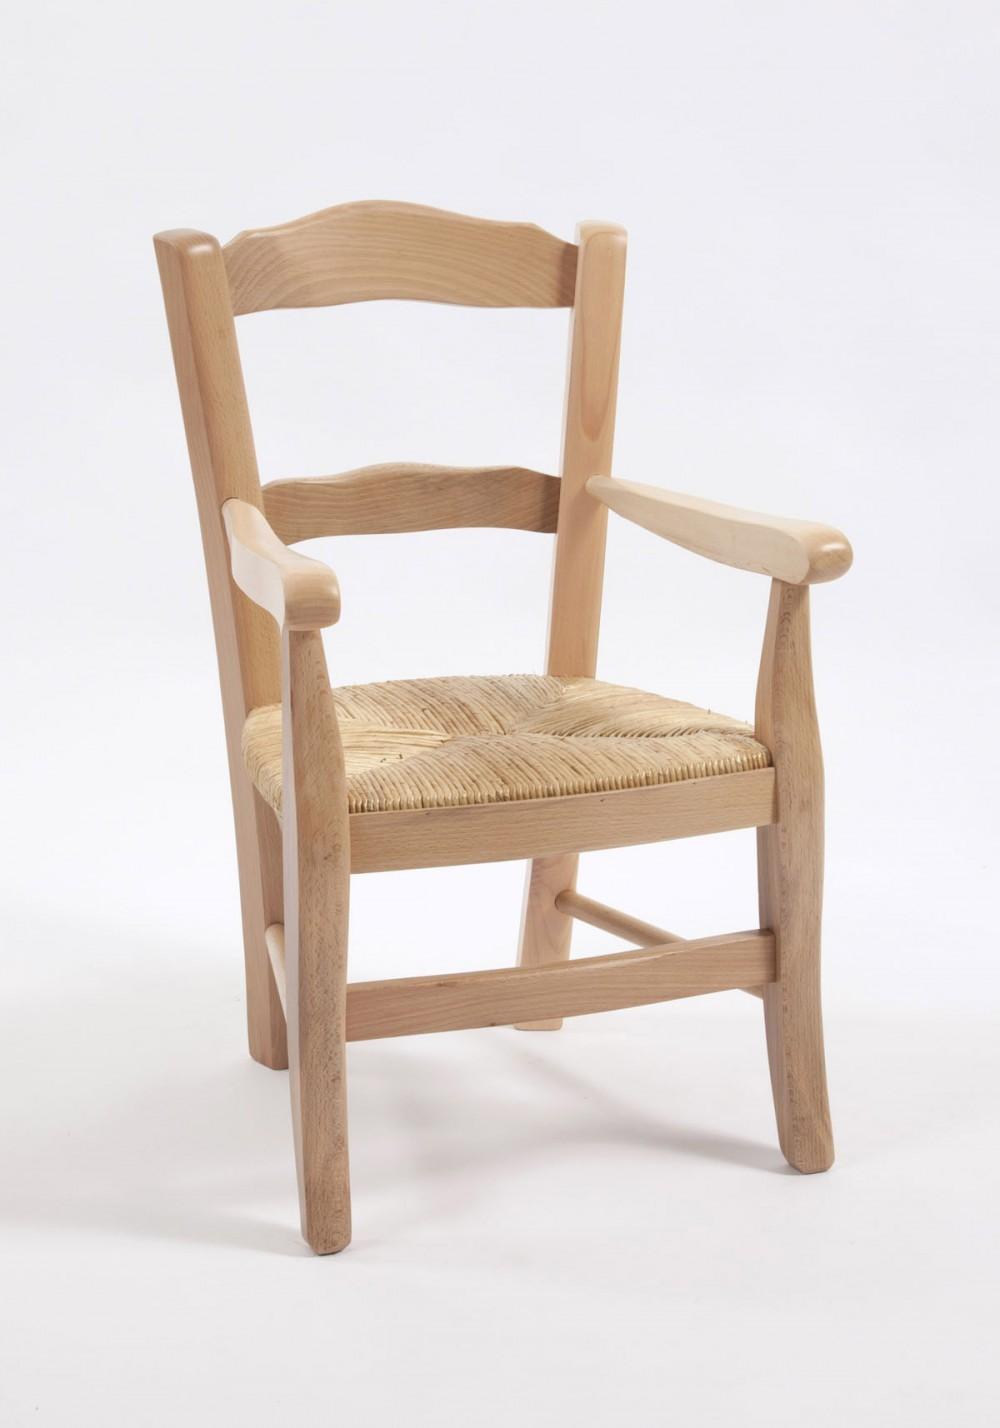 Fauteuil enfant pro la chaise artisanale - Fauteuils pour enfants ...